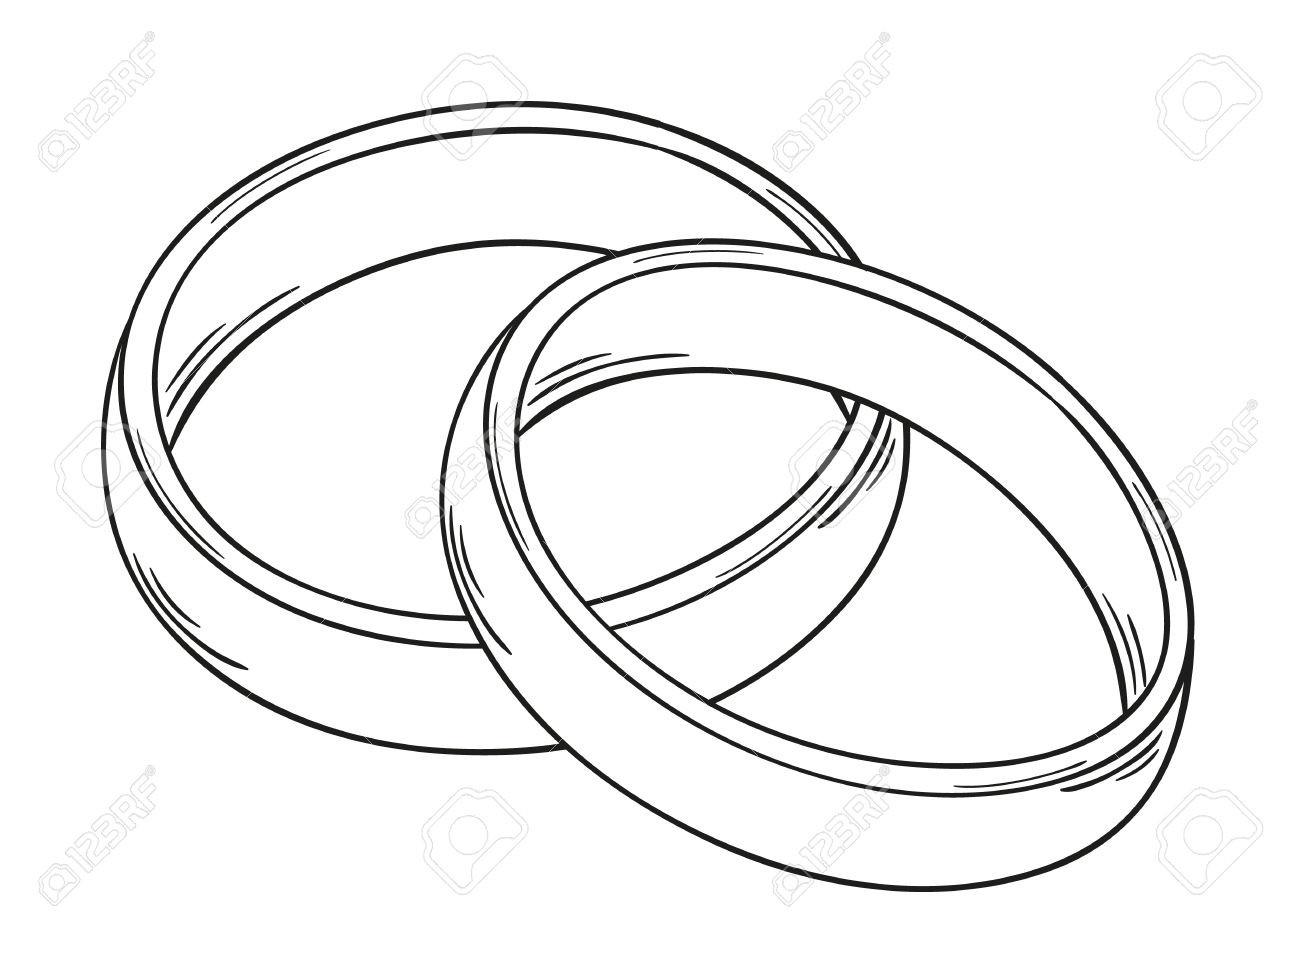 Marriage Rings Symbol Clipart Inspiration von hochzeit ringe.